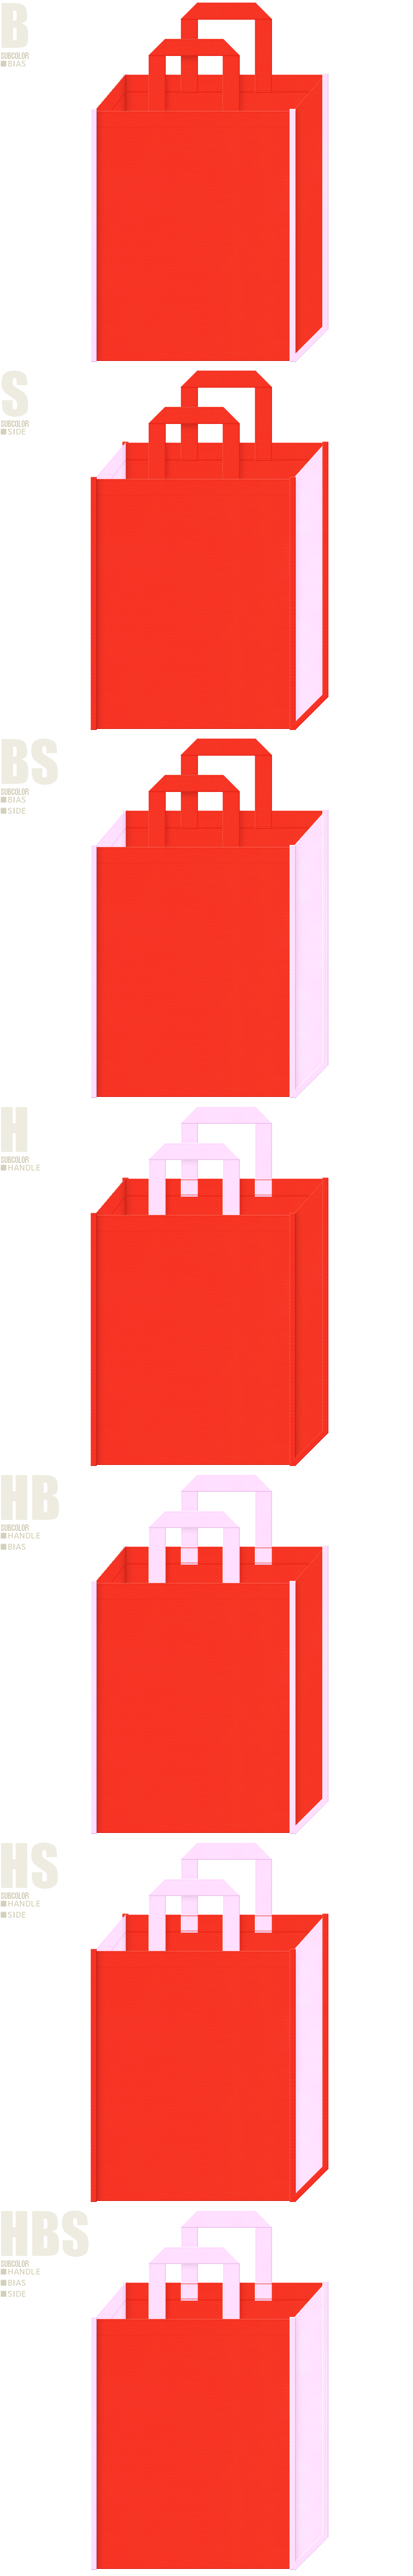 オレンジ色と明るめのピンク色-7パターンの不織布トートバッグ配色デザイン例